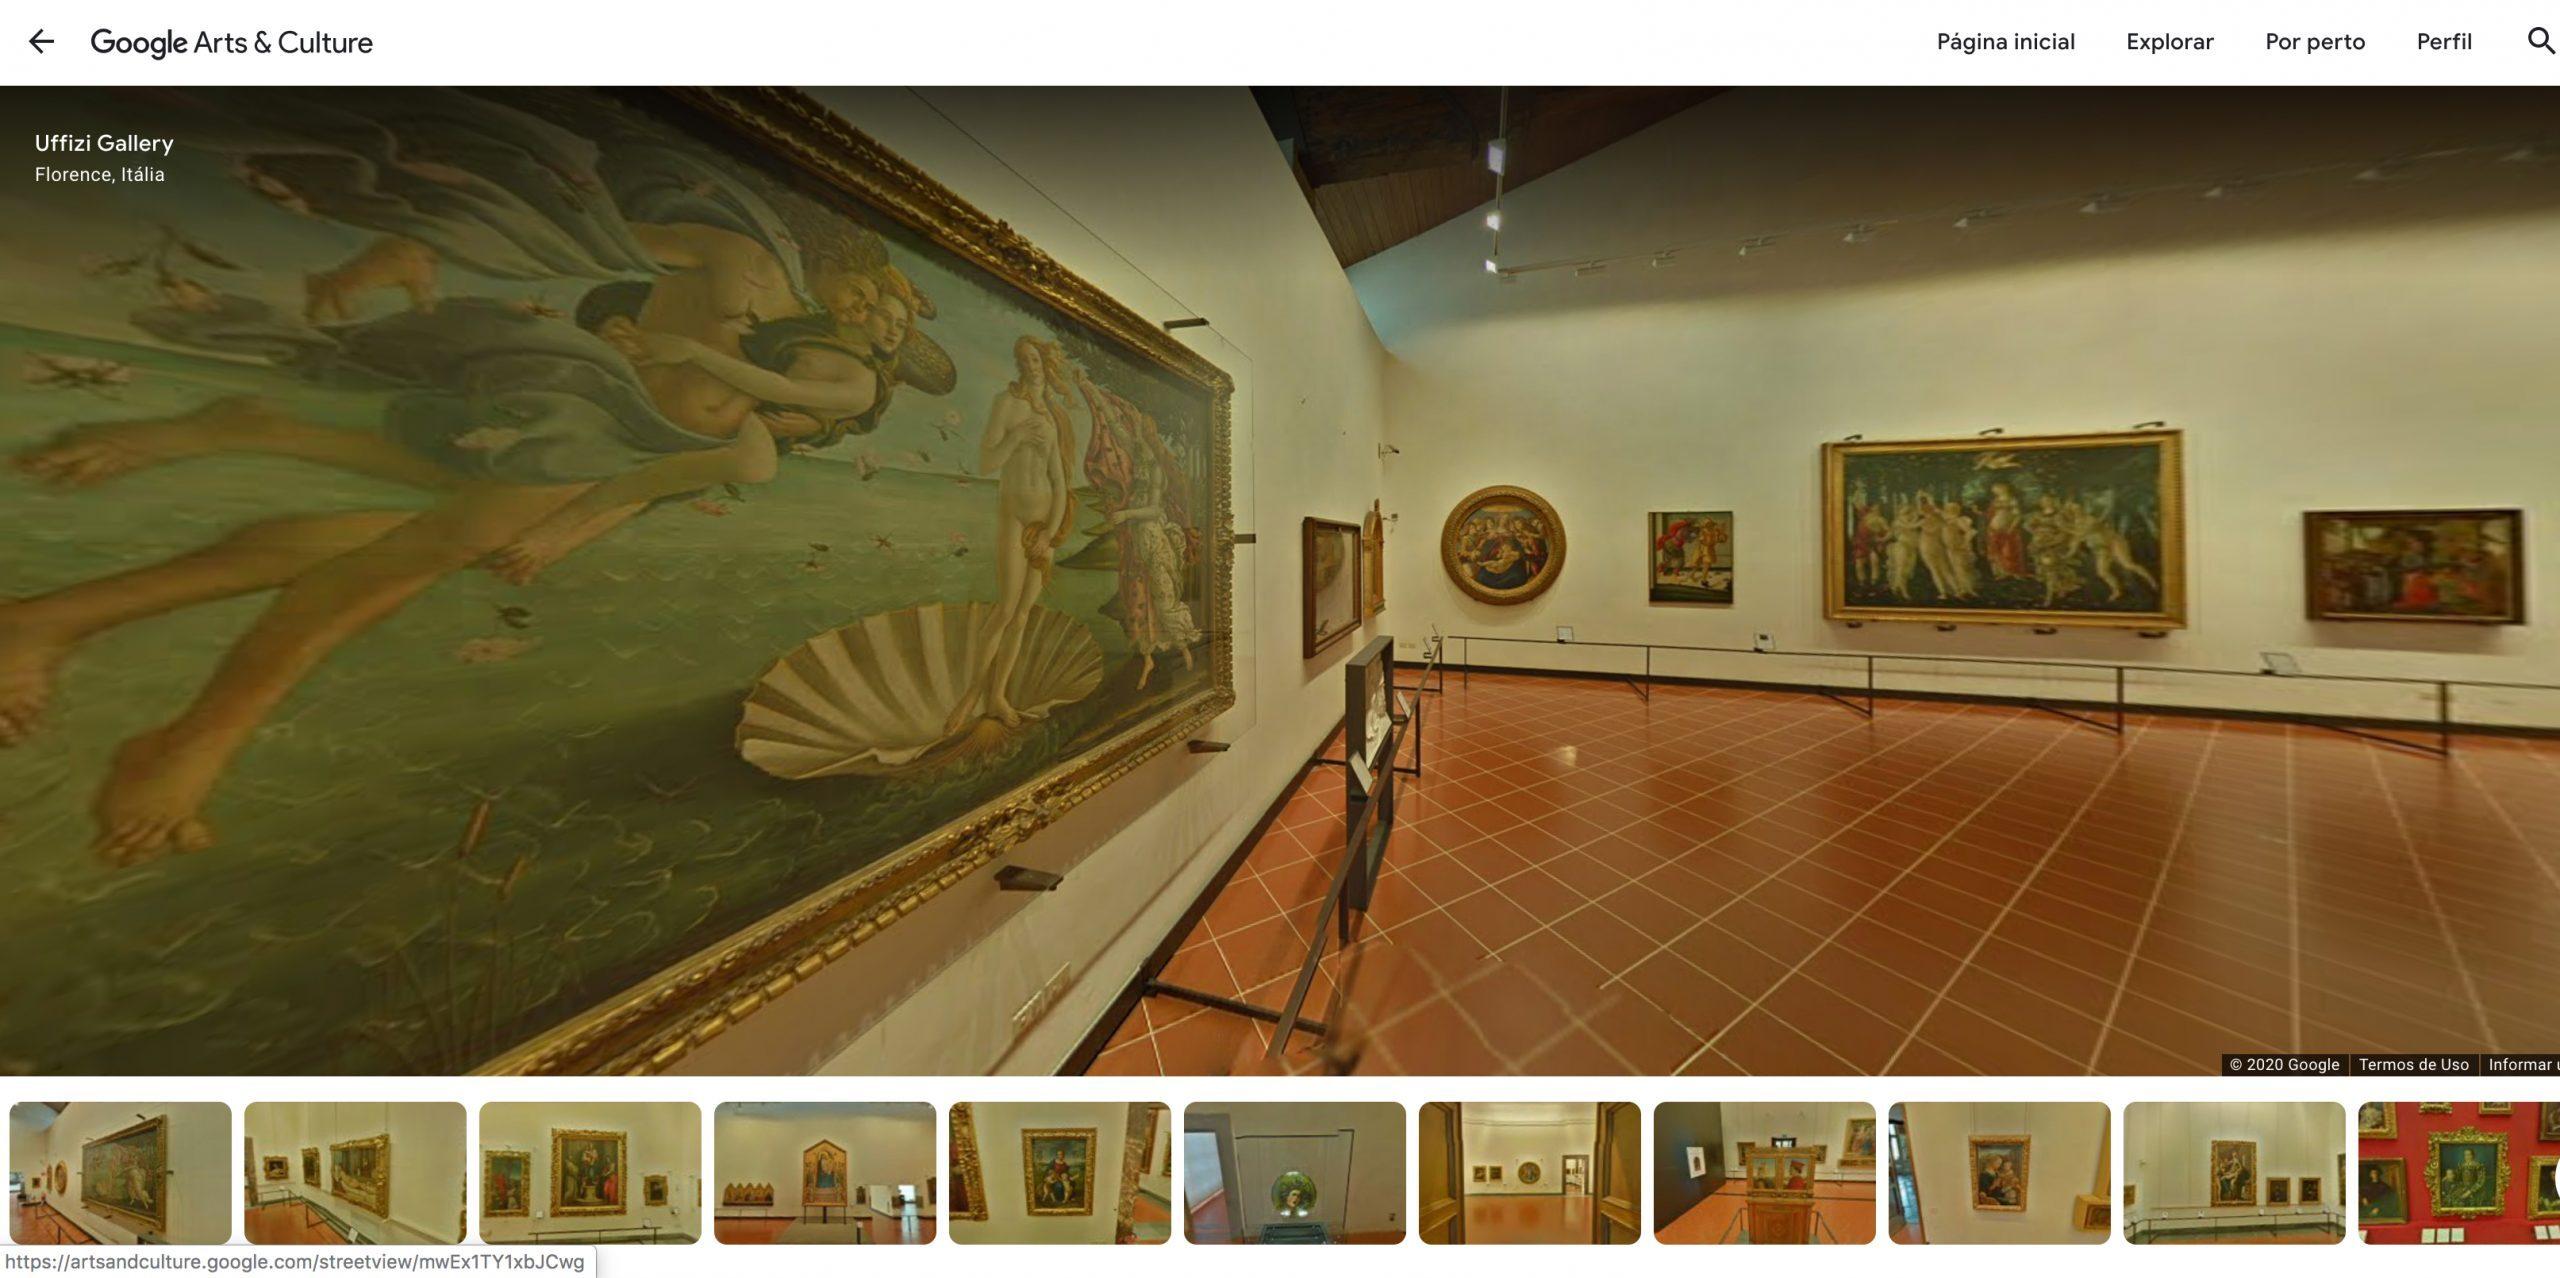 Reprodução do site da Galeria Uffizi no Google Arts & Cultur